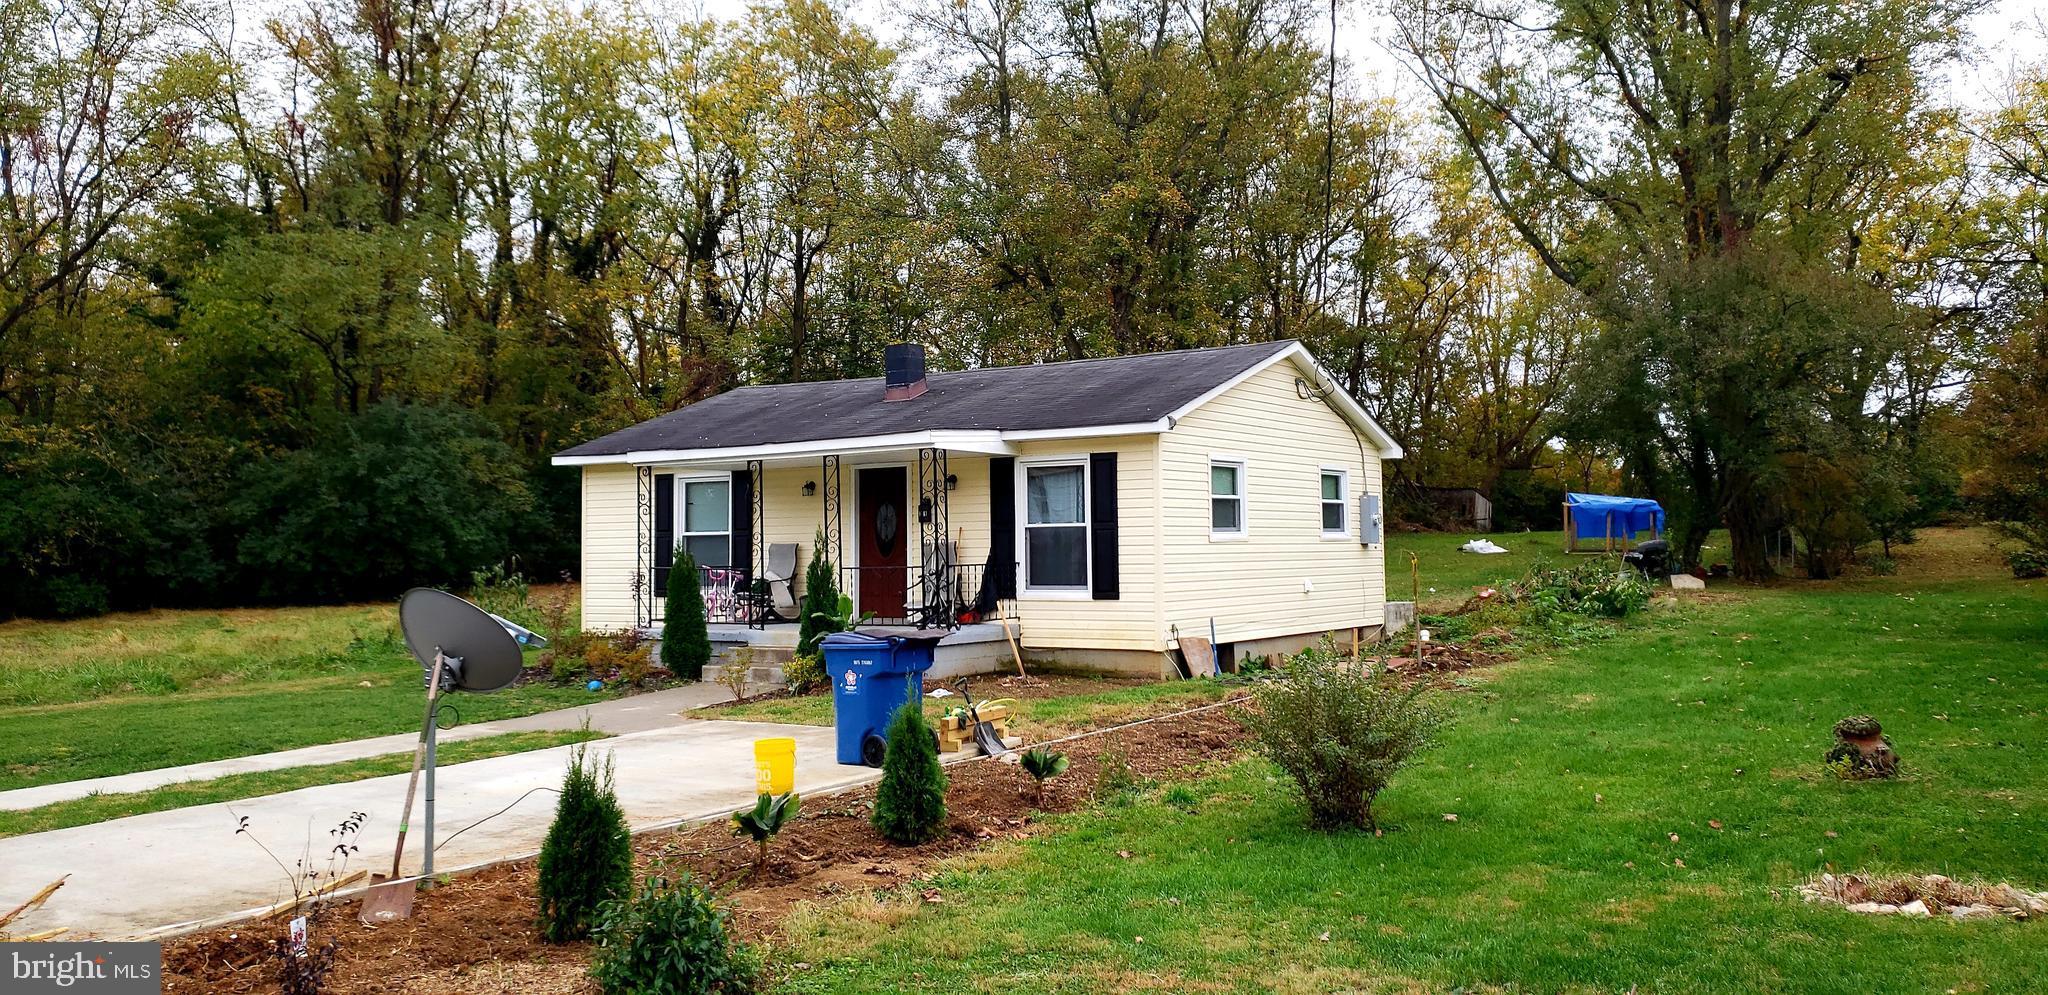 219 Josephine St, Berryville, VA, 22611